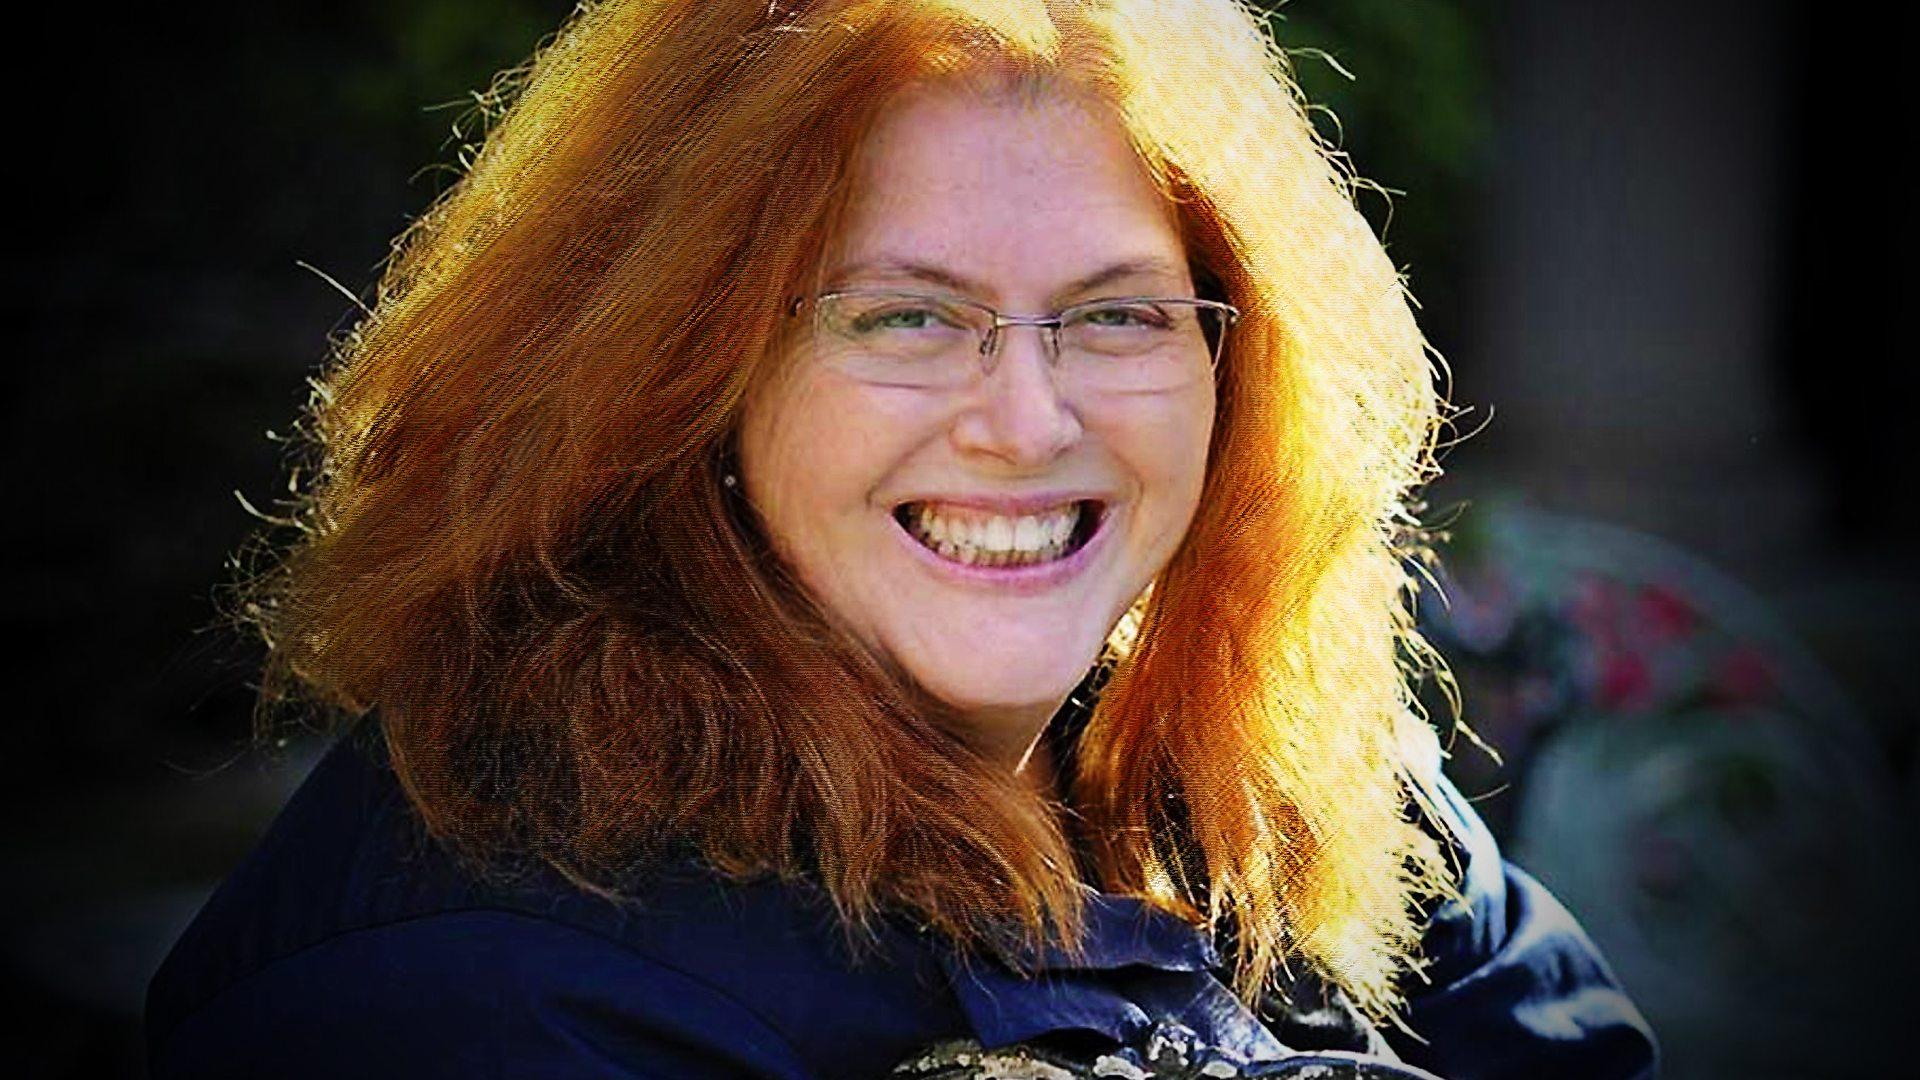 Sally Wainwright The Happy Valley